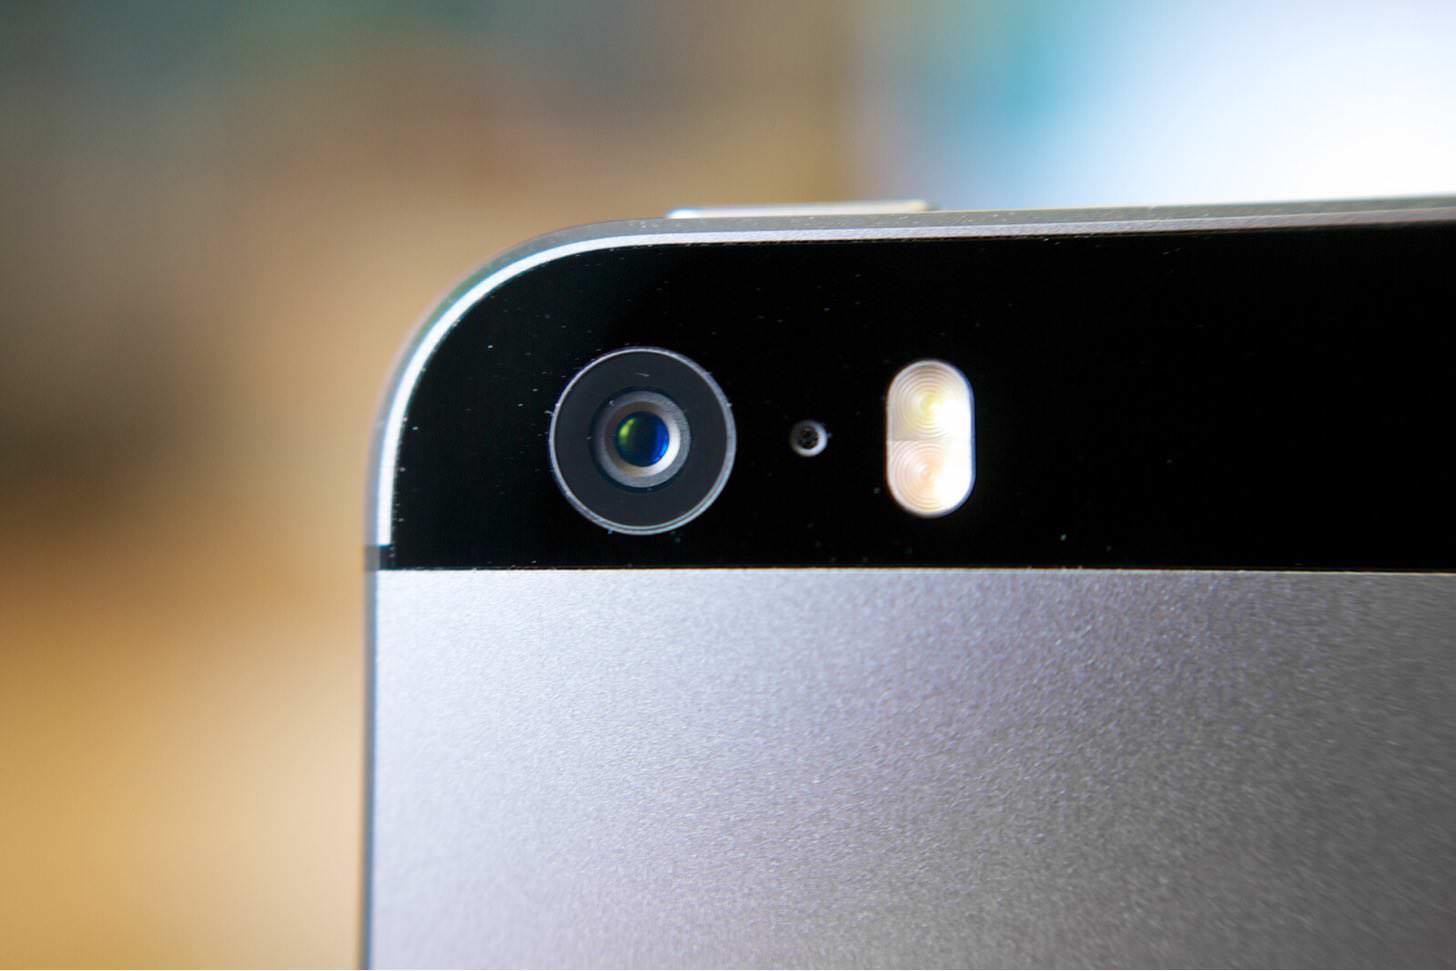 いったいどっち?新型4インチiPhoneの名前は「iPhone 5se」説も浮上。